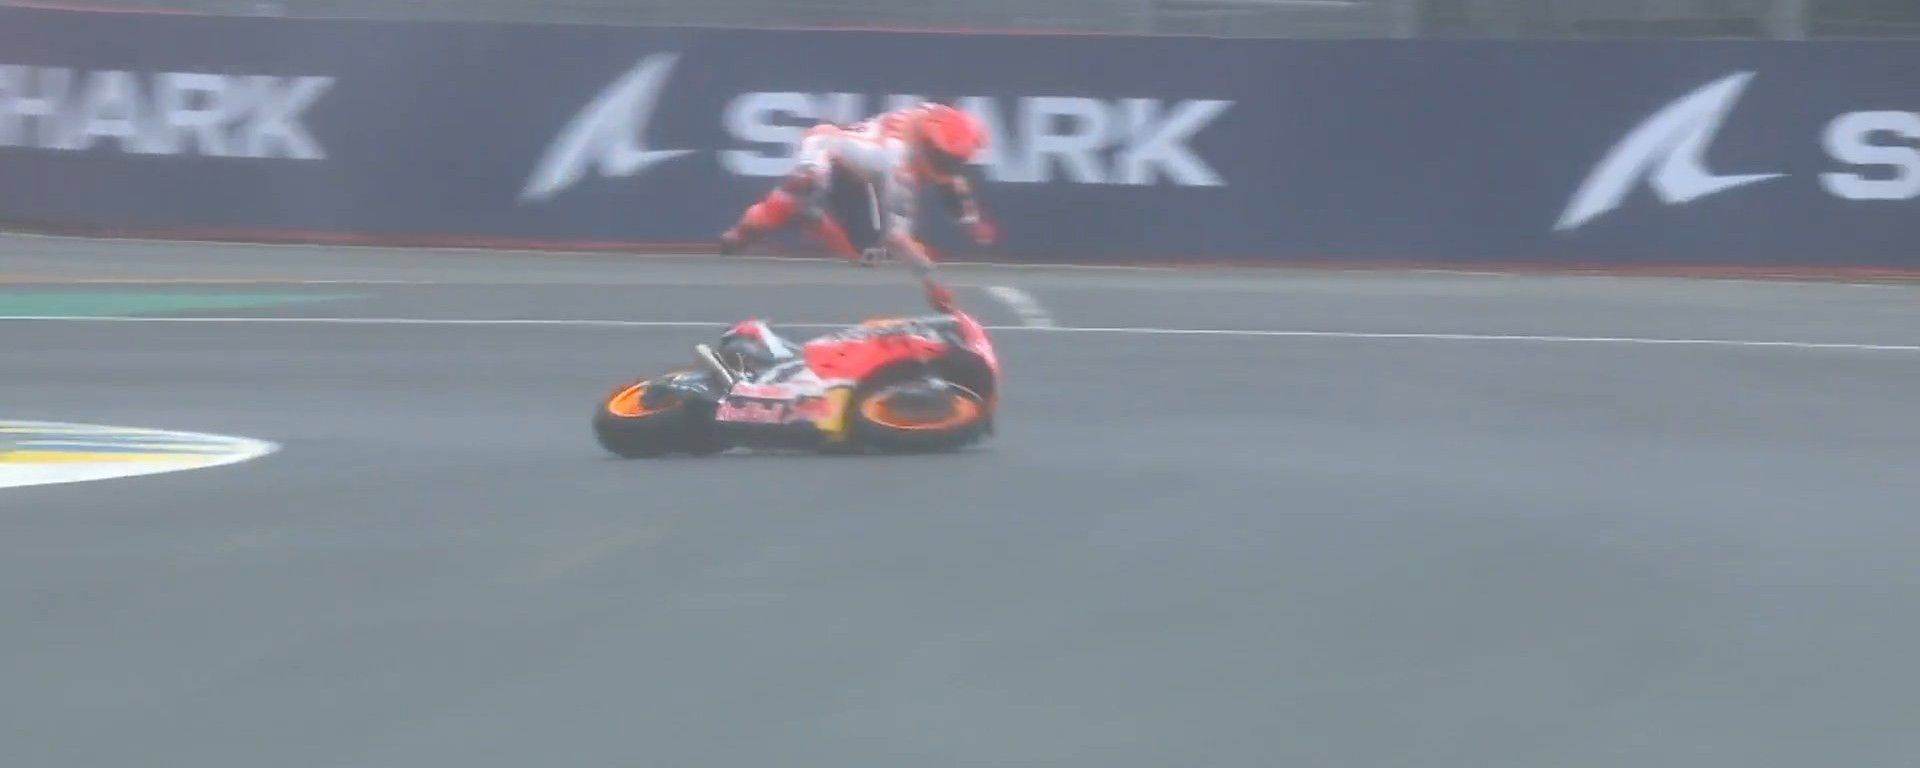 MotoGP, GP Francia 2021: la prima caduta di Marc Marquez